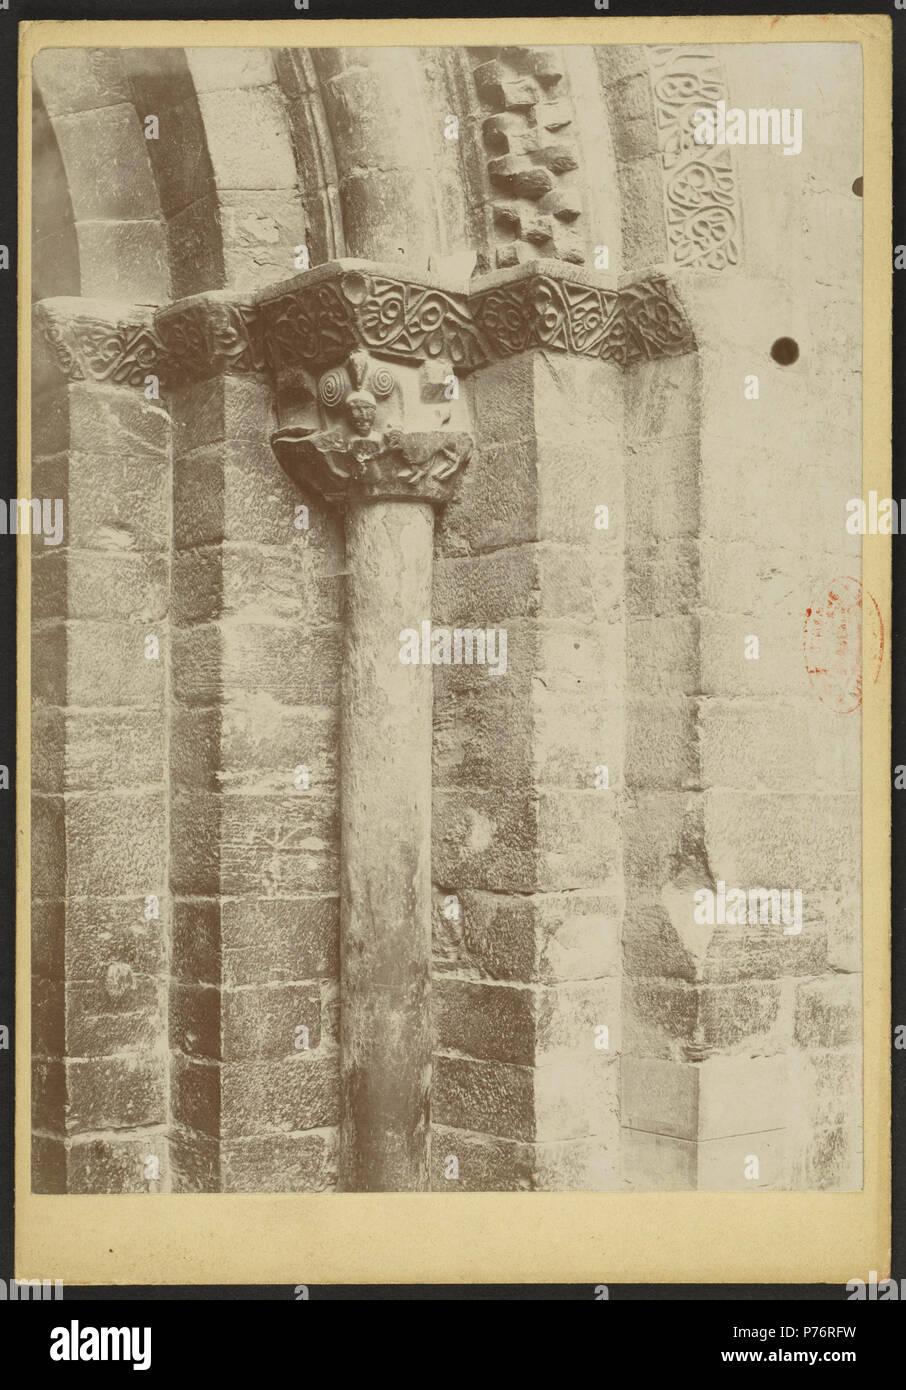 232 Église des Templiers de Luz-Saint-Sauveur - J-A Brutails - Université Bordeaux Montaigne - 1455 - Stock Image